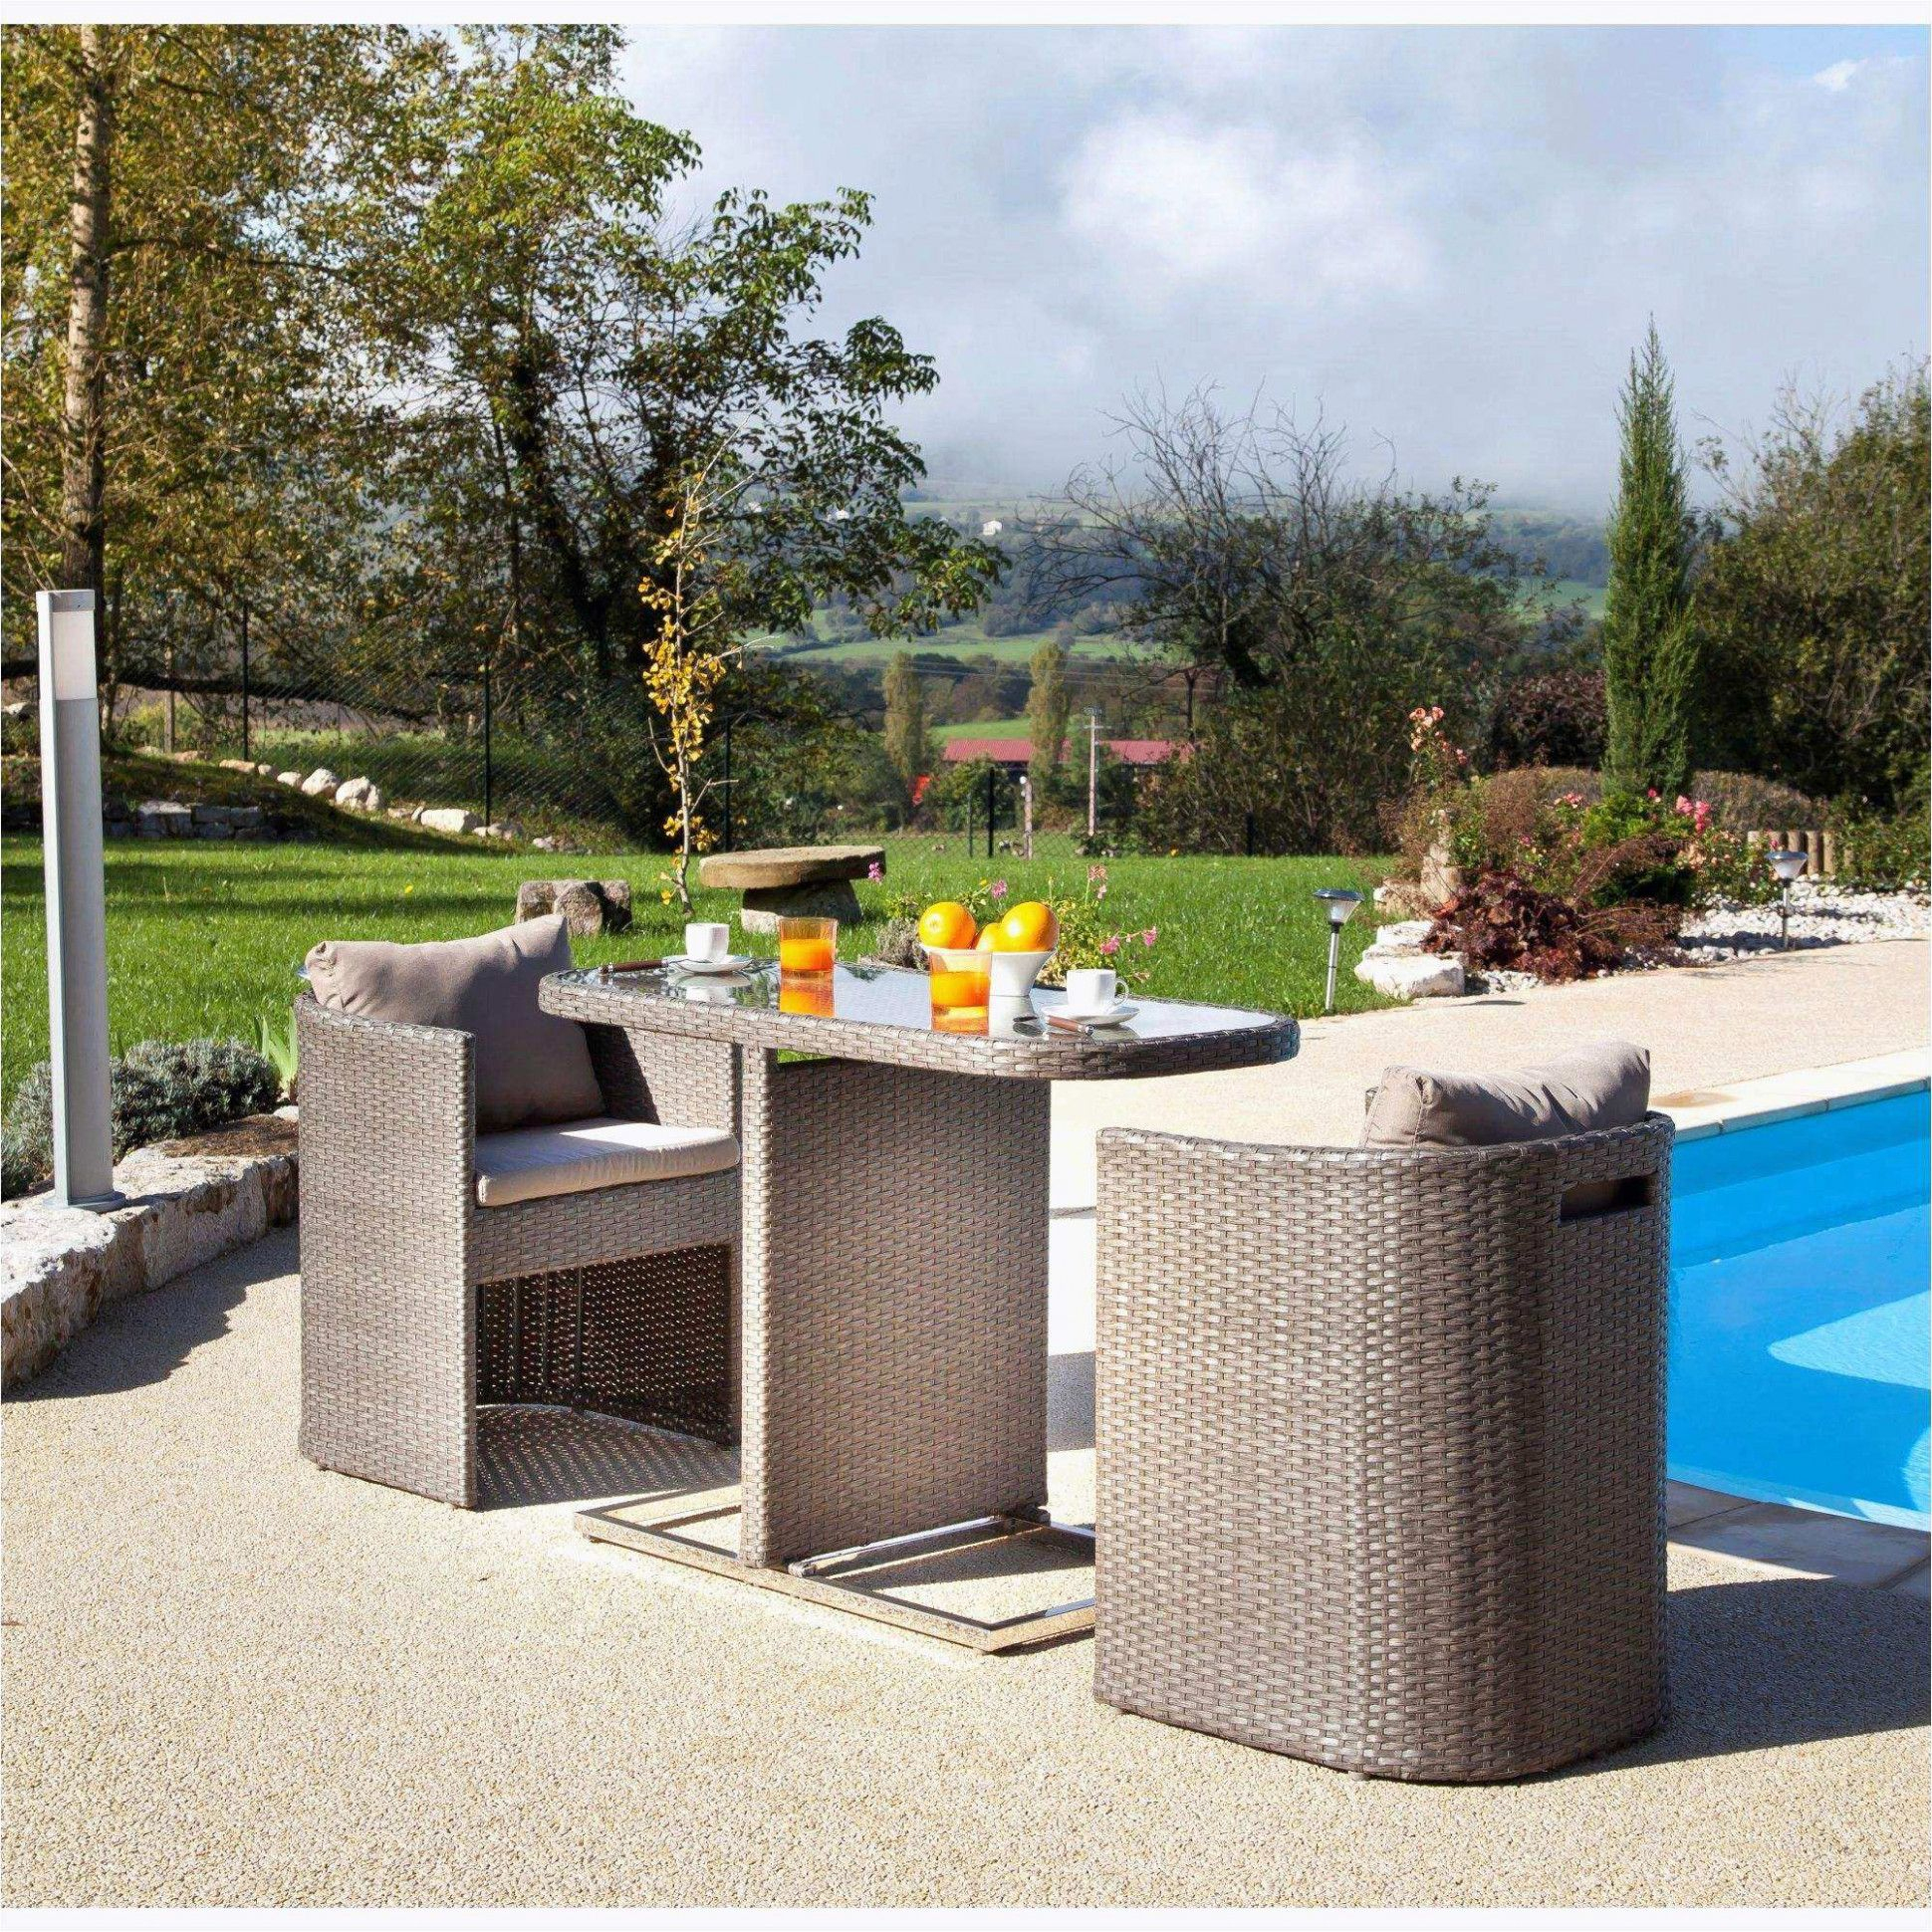 Petit Salon De Jardin Pour Balcon Le 3 Novembre, Le Jardin ... dedans Petit Salon De Jardin Pour Balcon